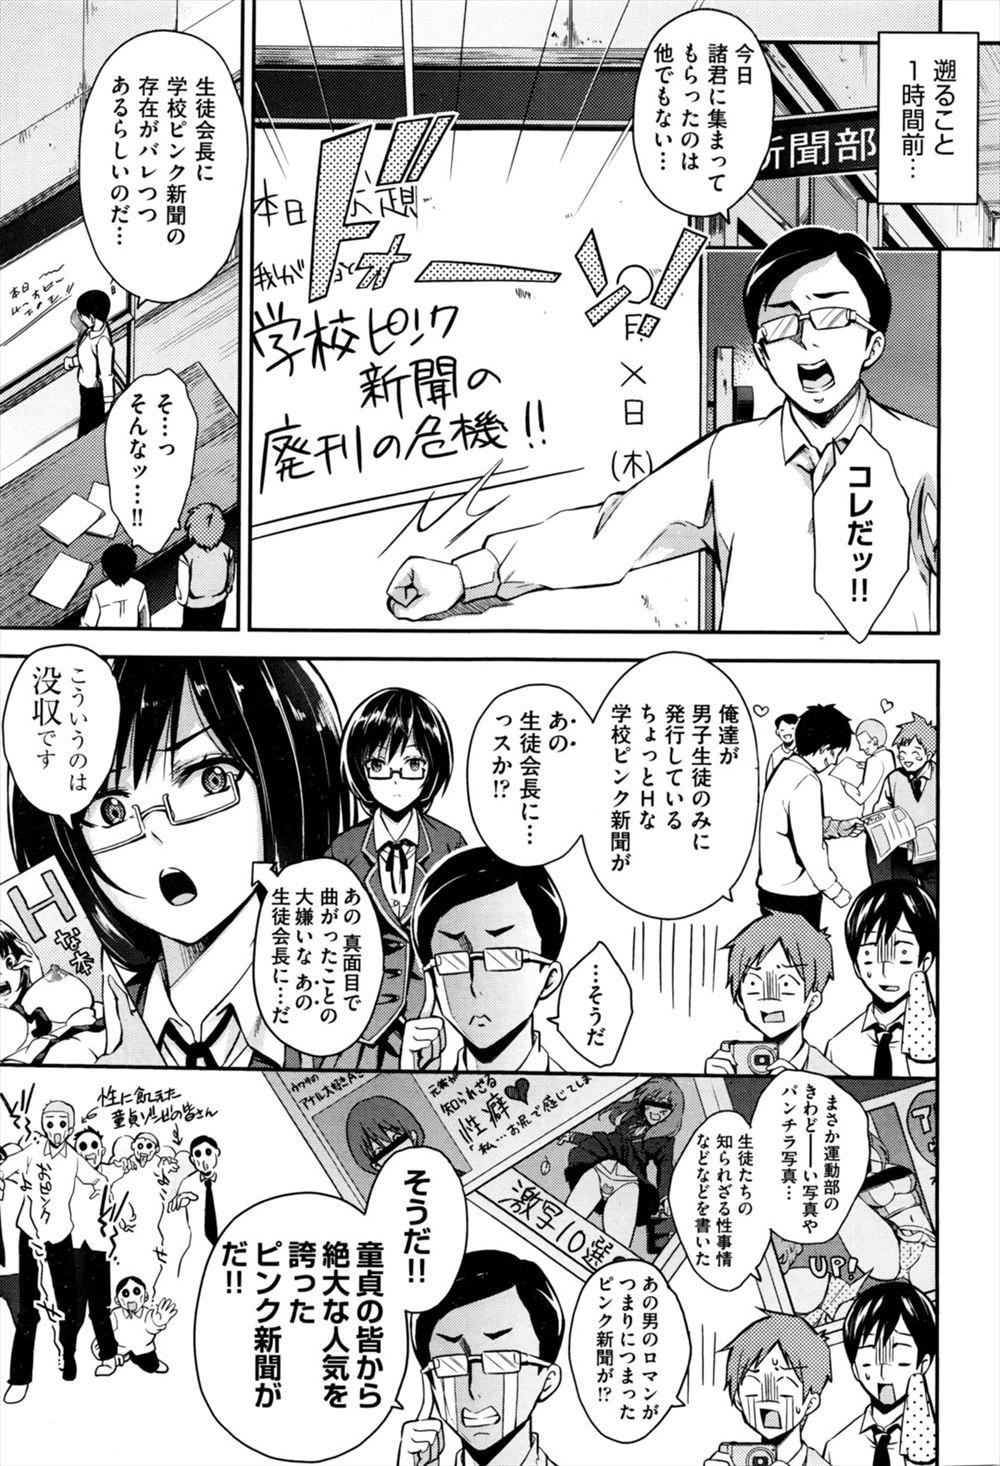 [無洗米] 学校ピンク新聞 (5)